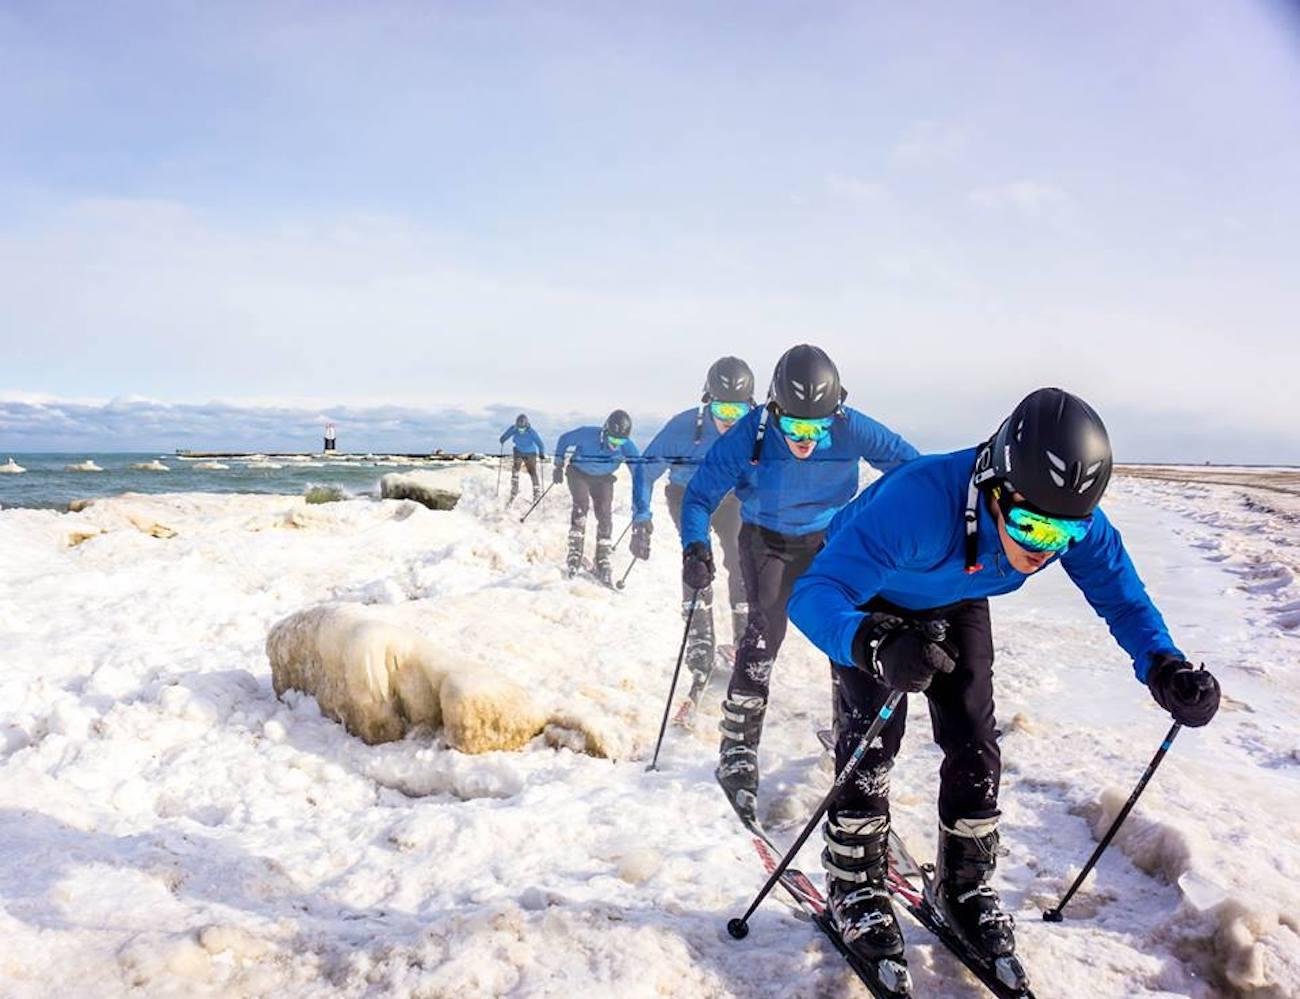 WhiSki Poles Ski Pole Flask